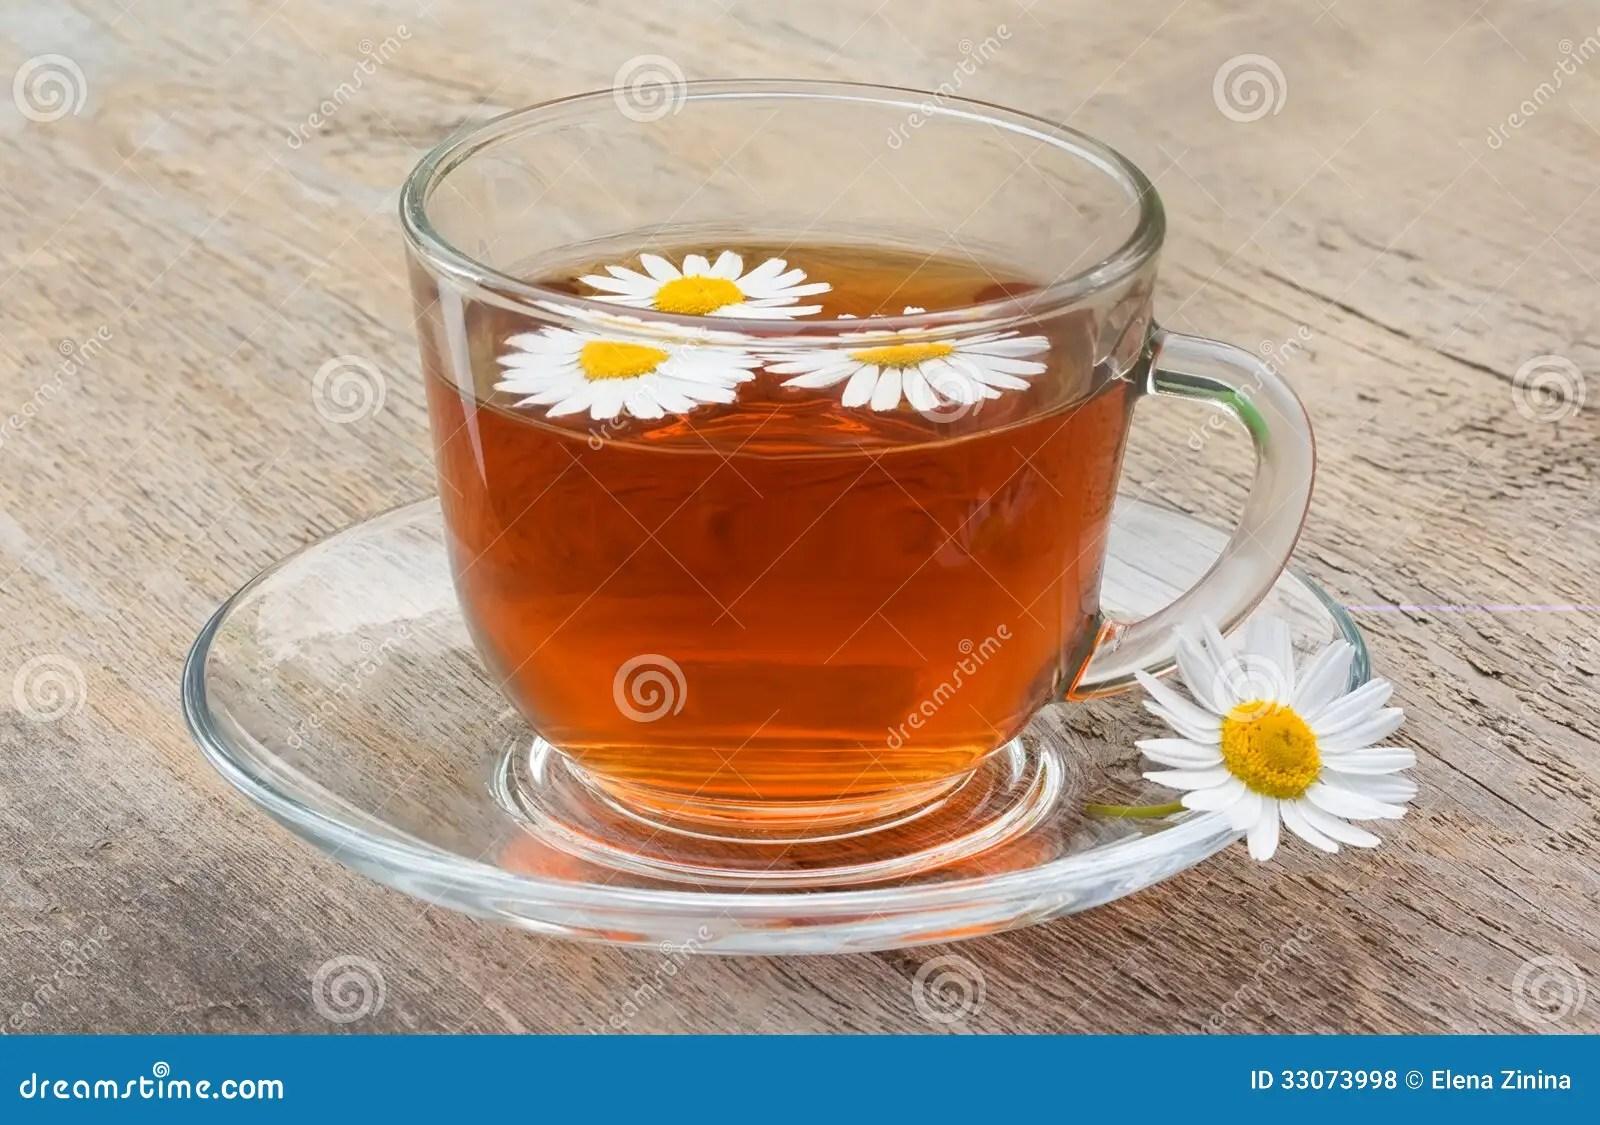 https://i2.wp.com/thumbs.dreamstime.com/z/tasse-de-th%C3%A9-sur-la-vieille-table-en-bois-avec-des-fleurs-de-camomille-33073998.jpg